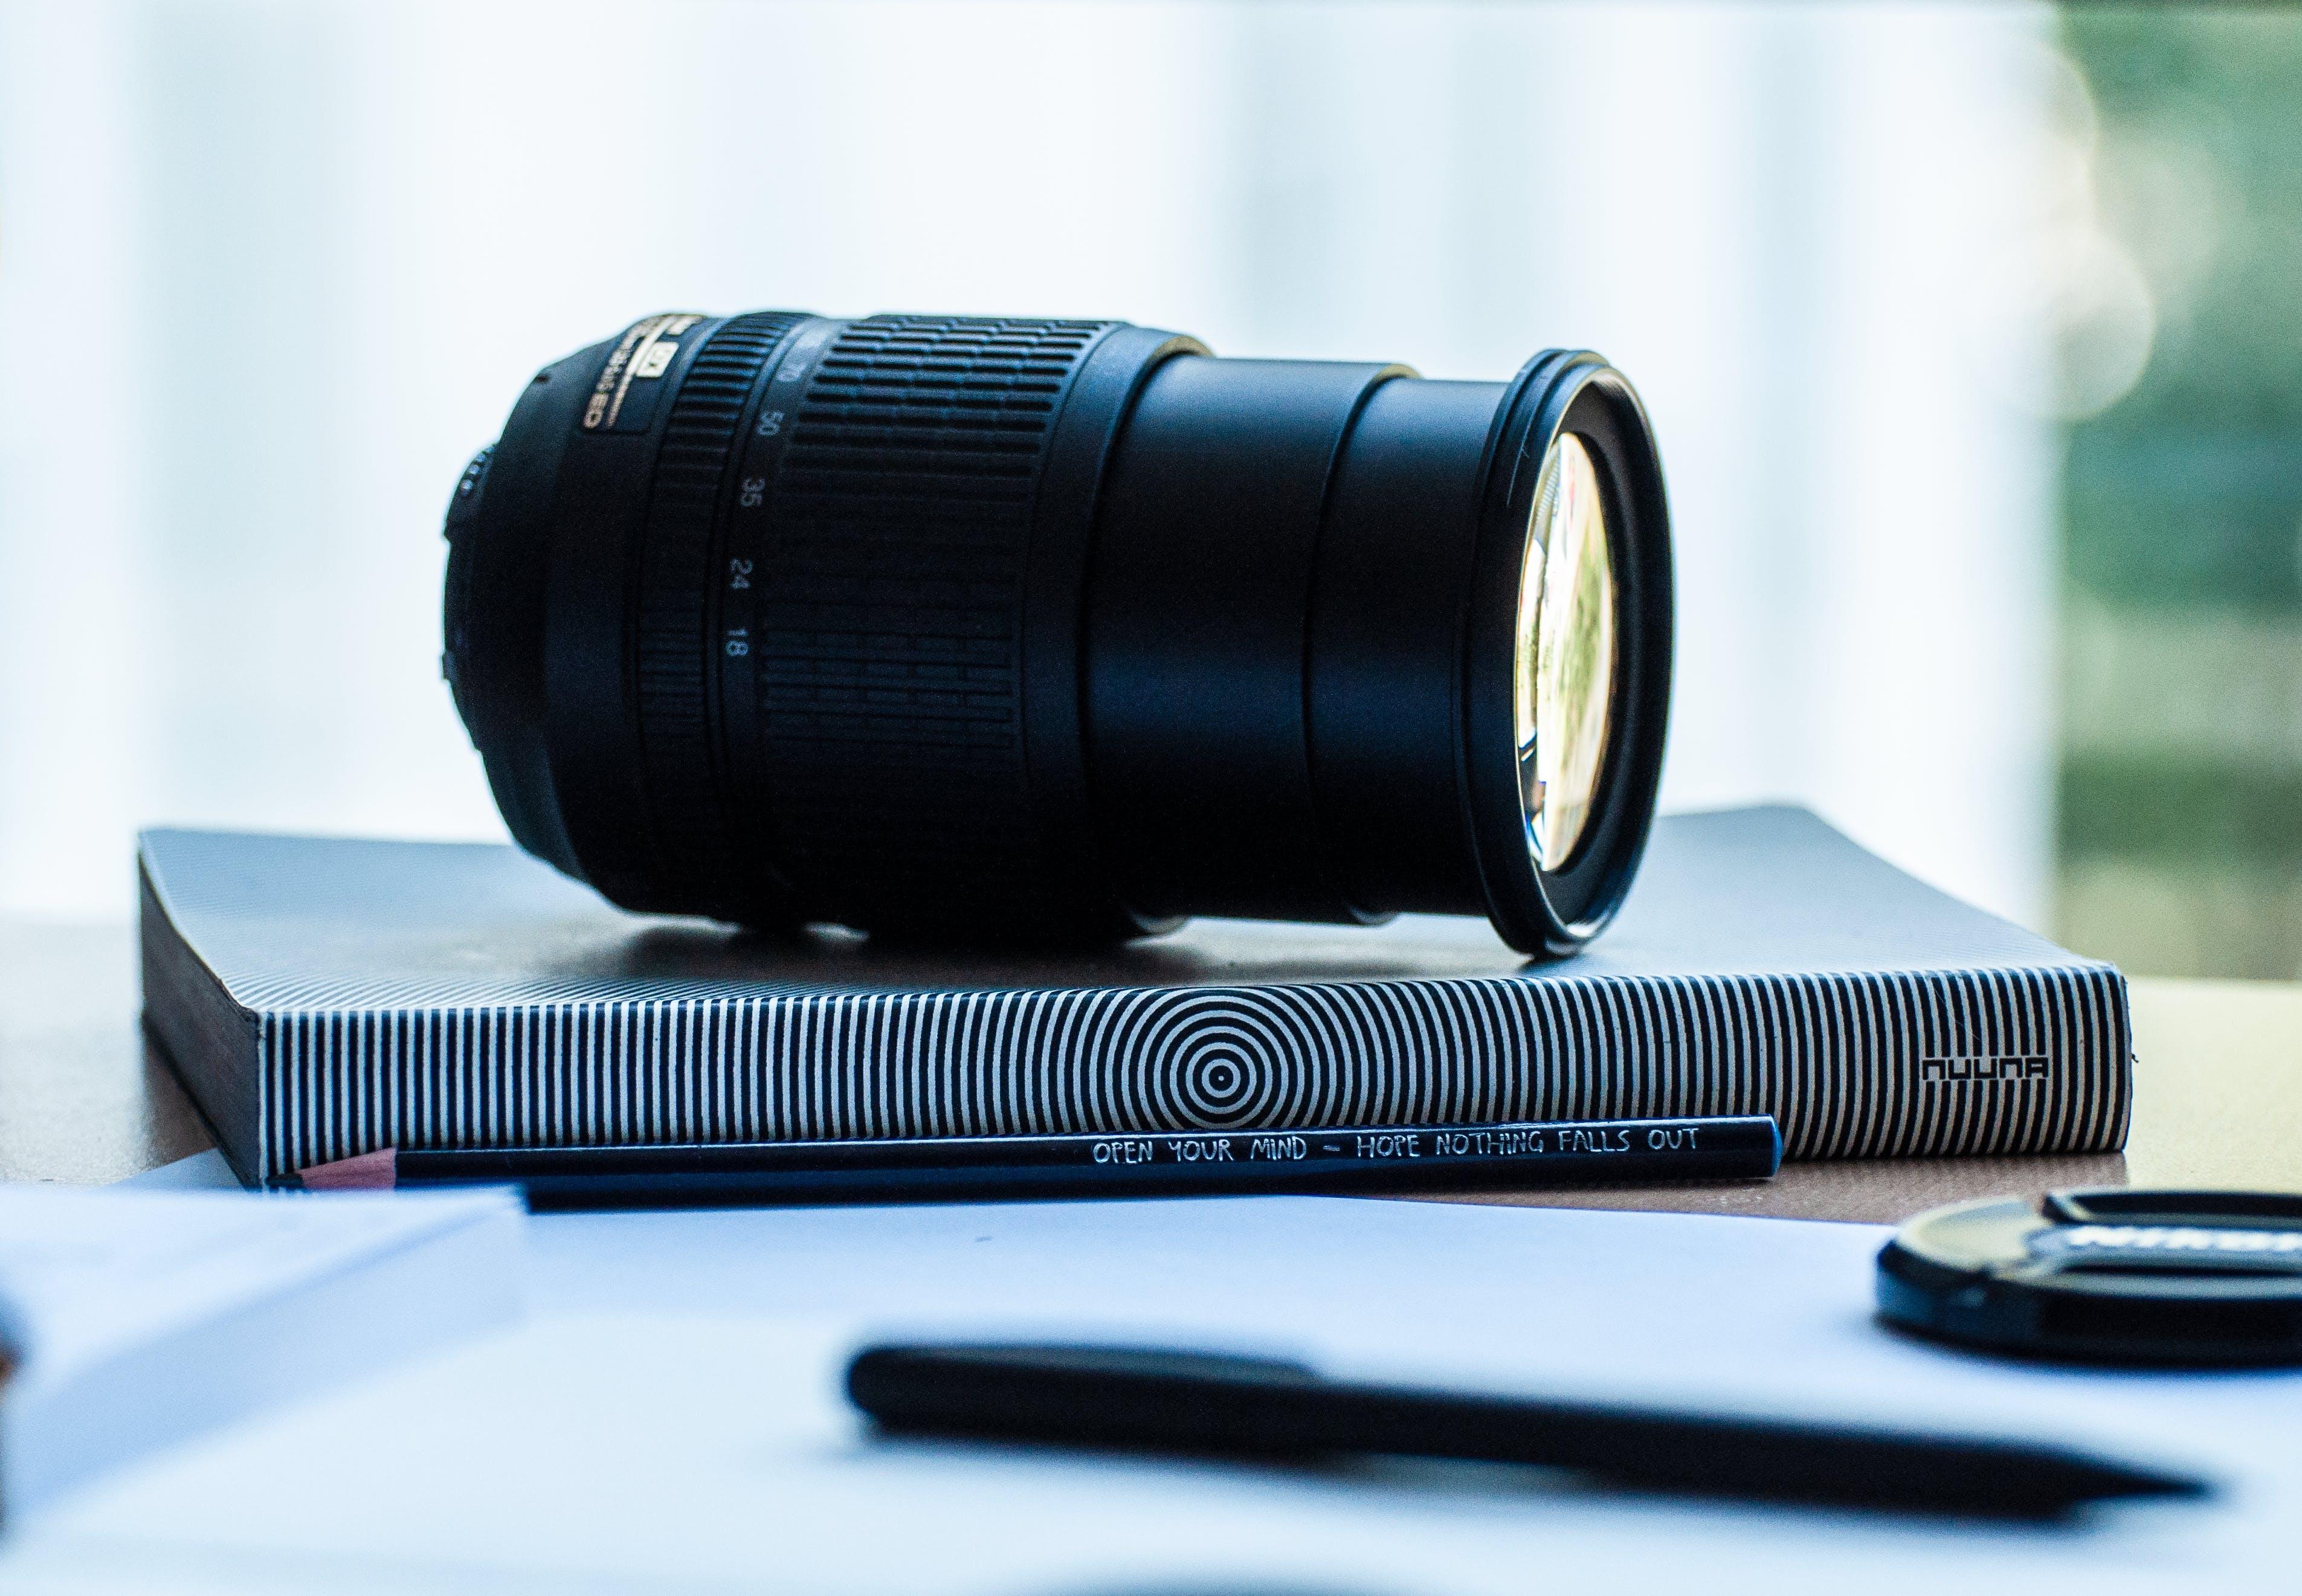 Fotos de stock gratuitas de abertura, analógico, blanco y negro, cámara